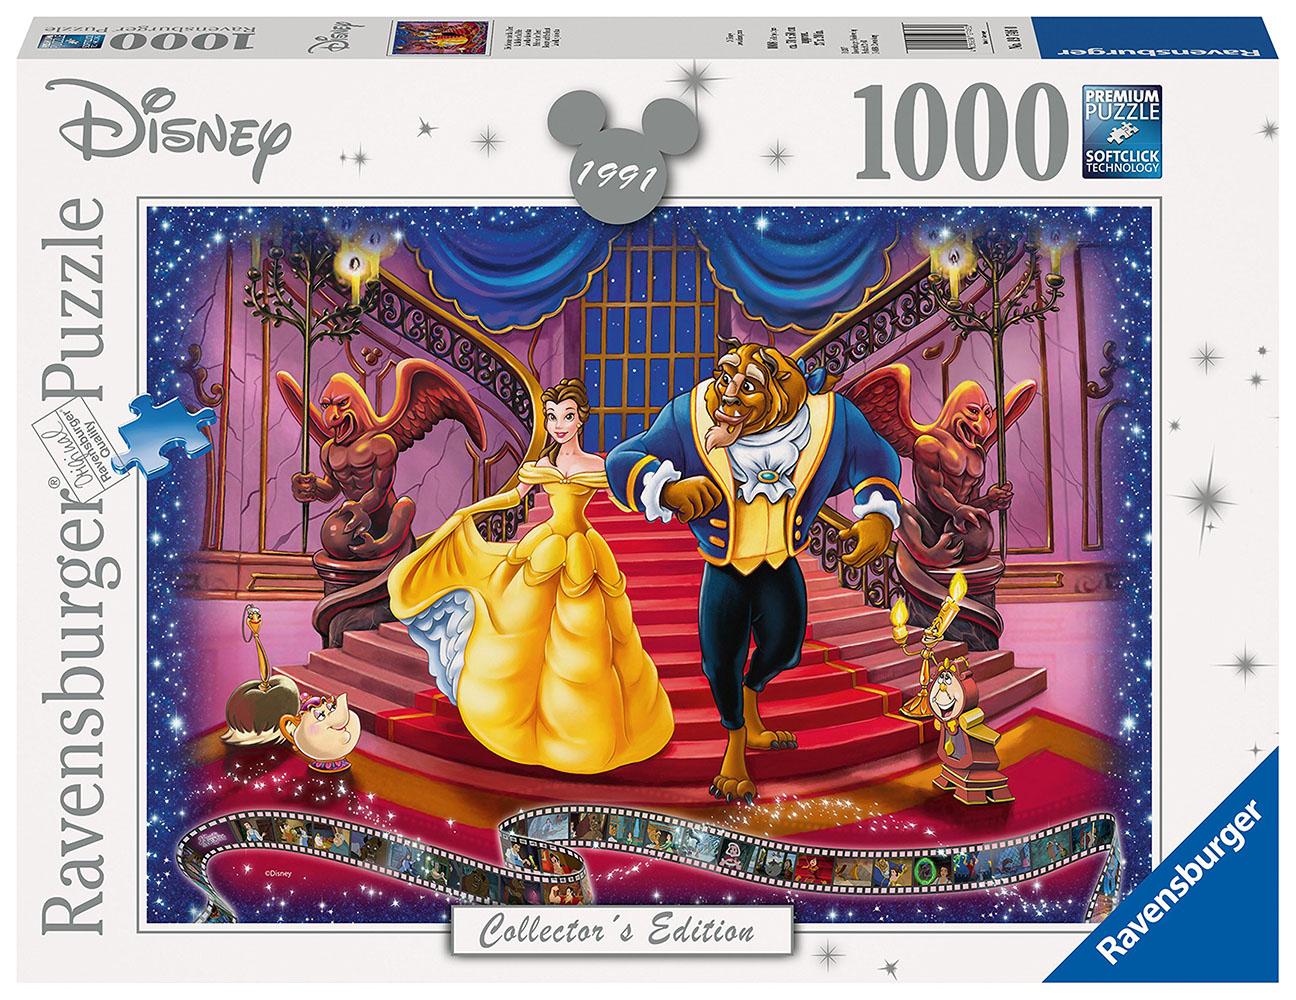 Casse-tête 1000 pièces - La Belle et la Bête